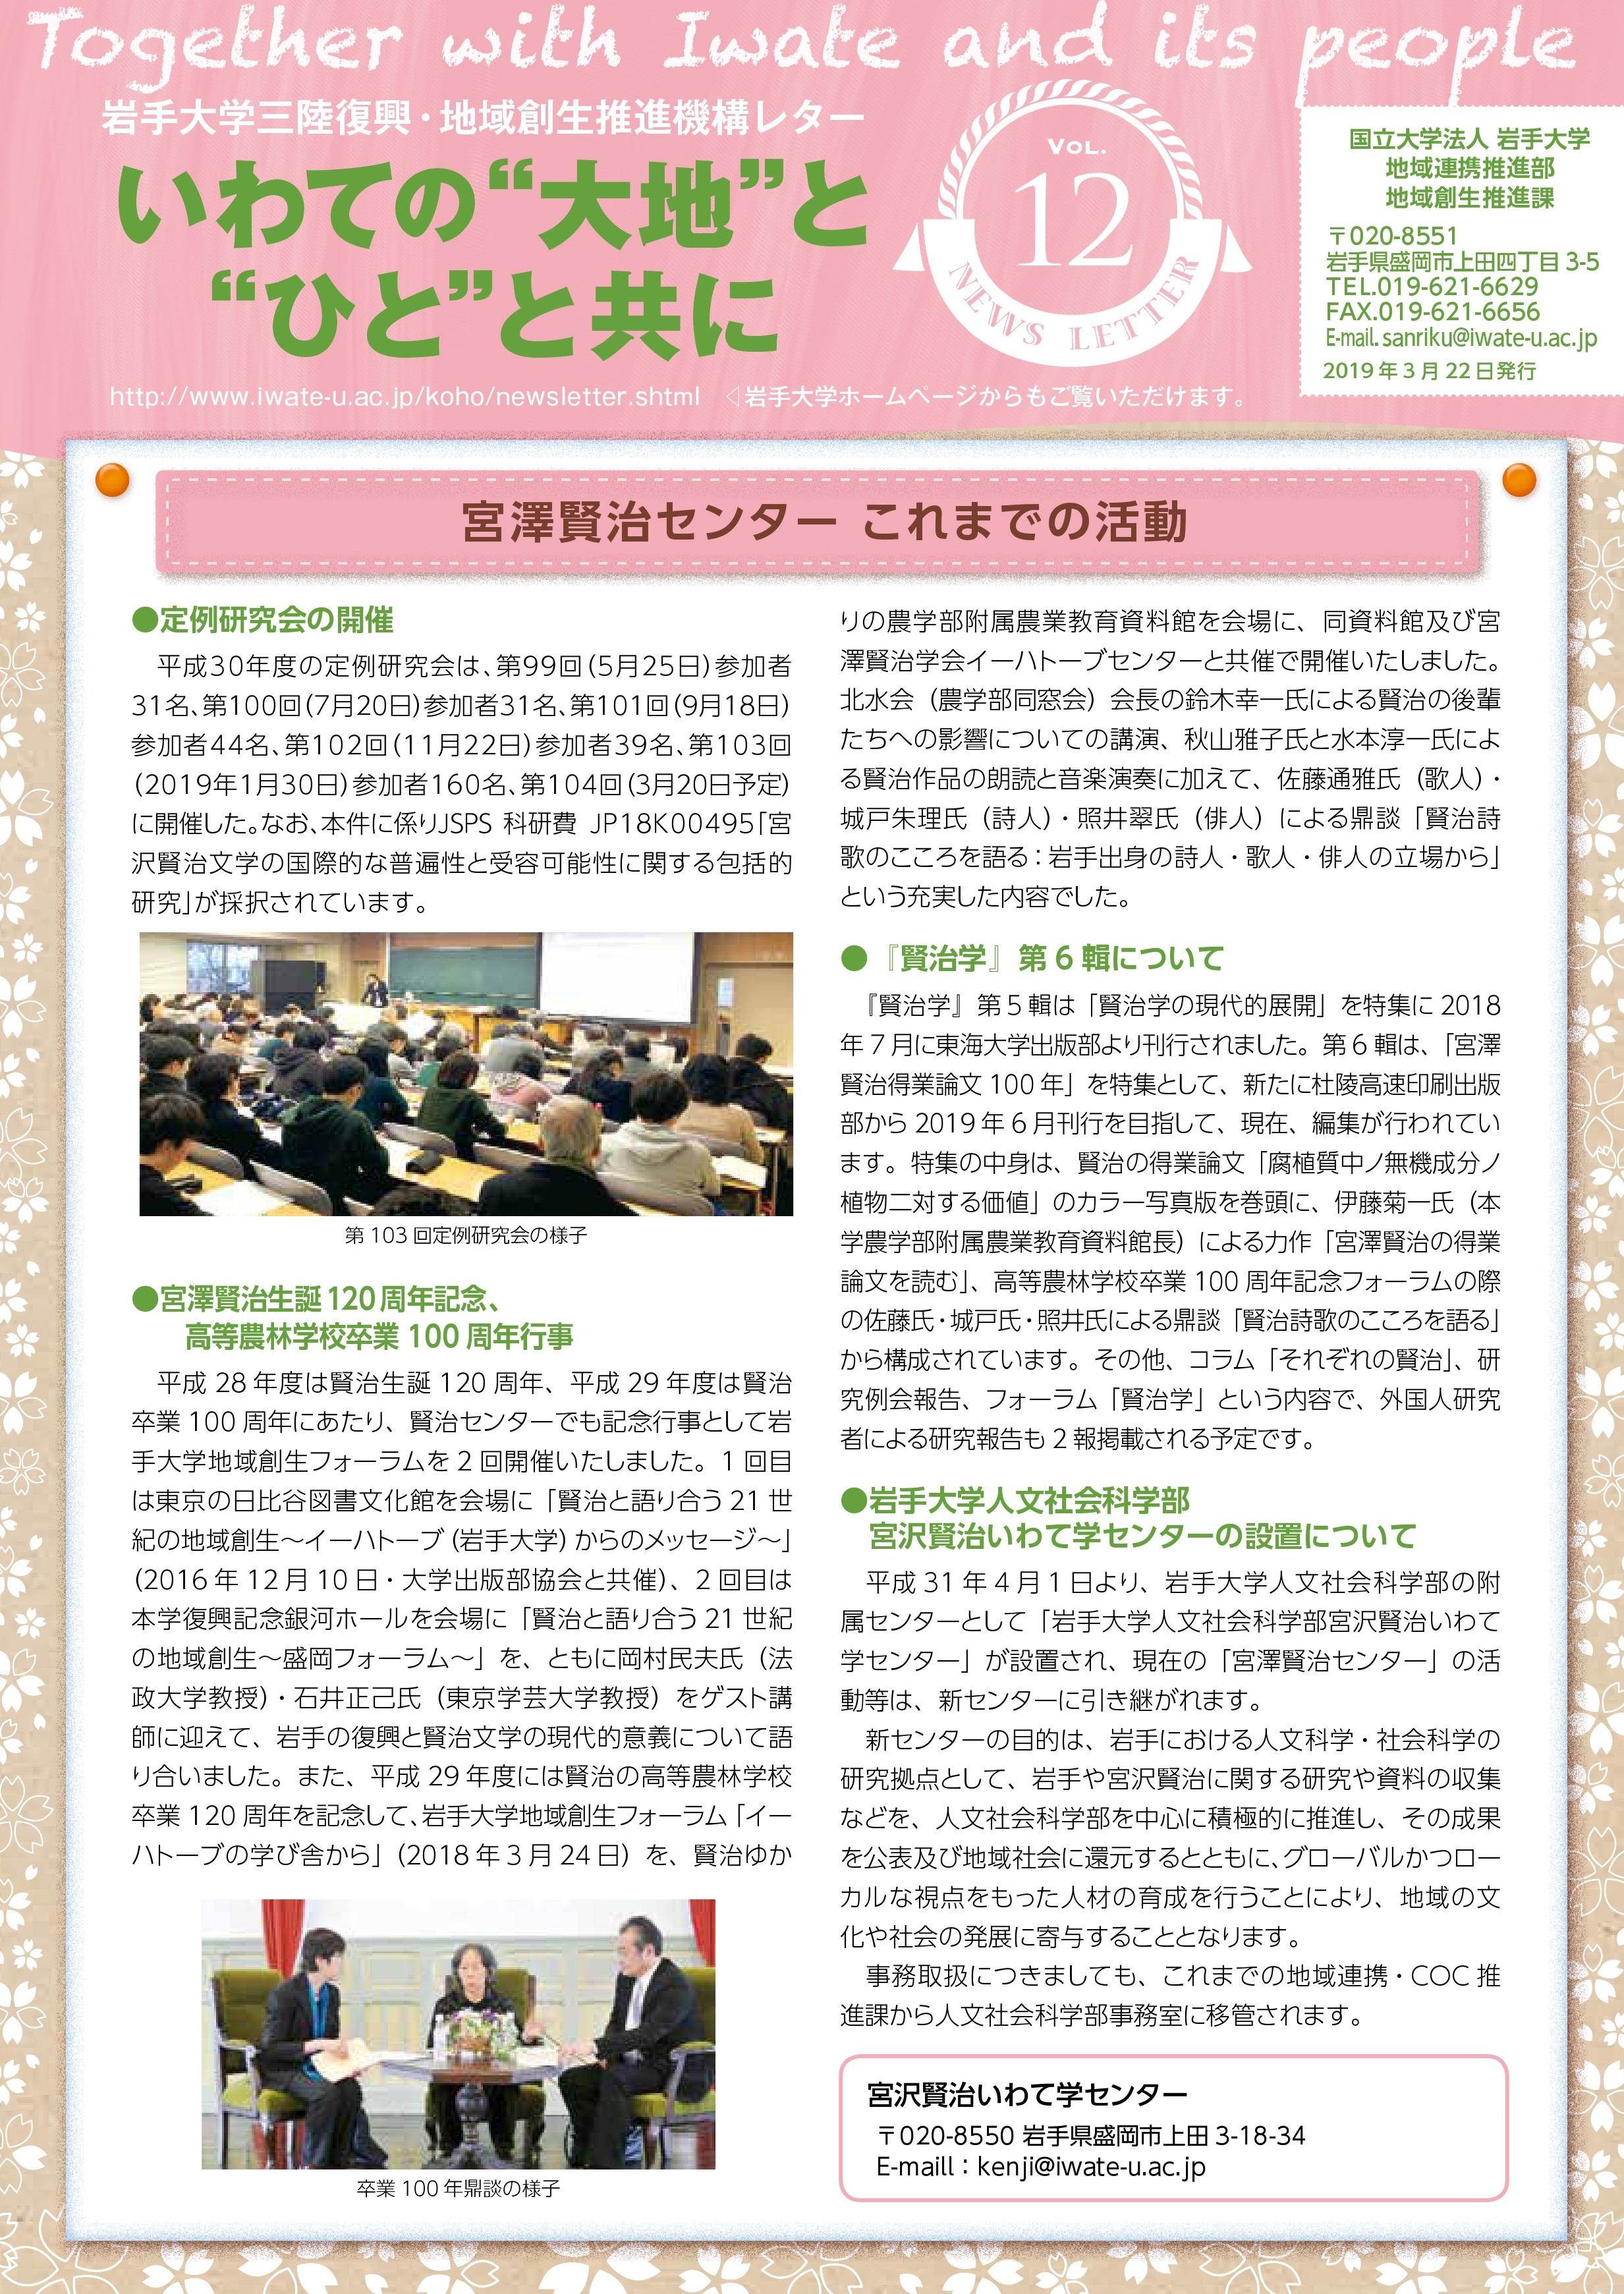 Vol.12 宮澤賢治センター これまでの活動